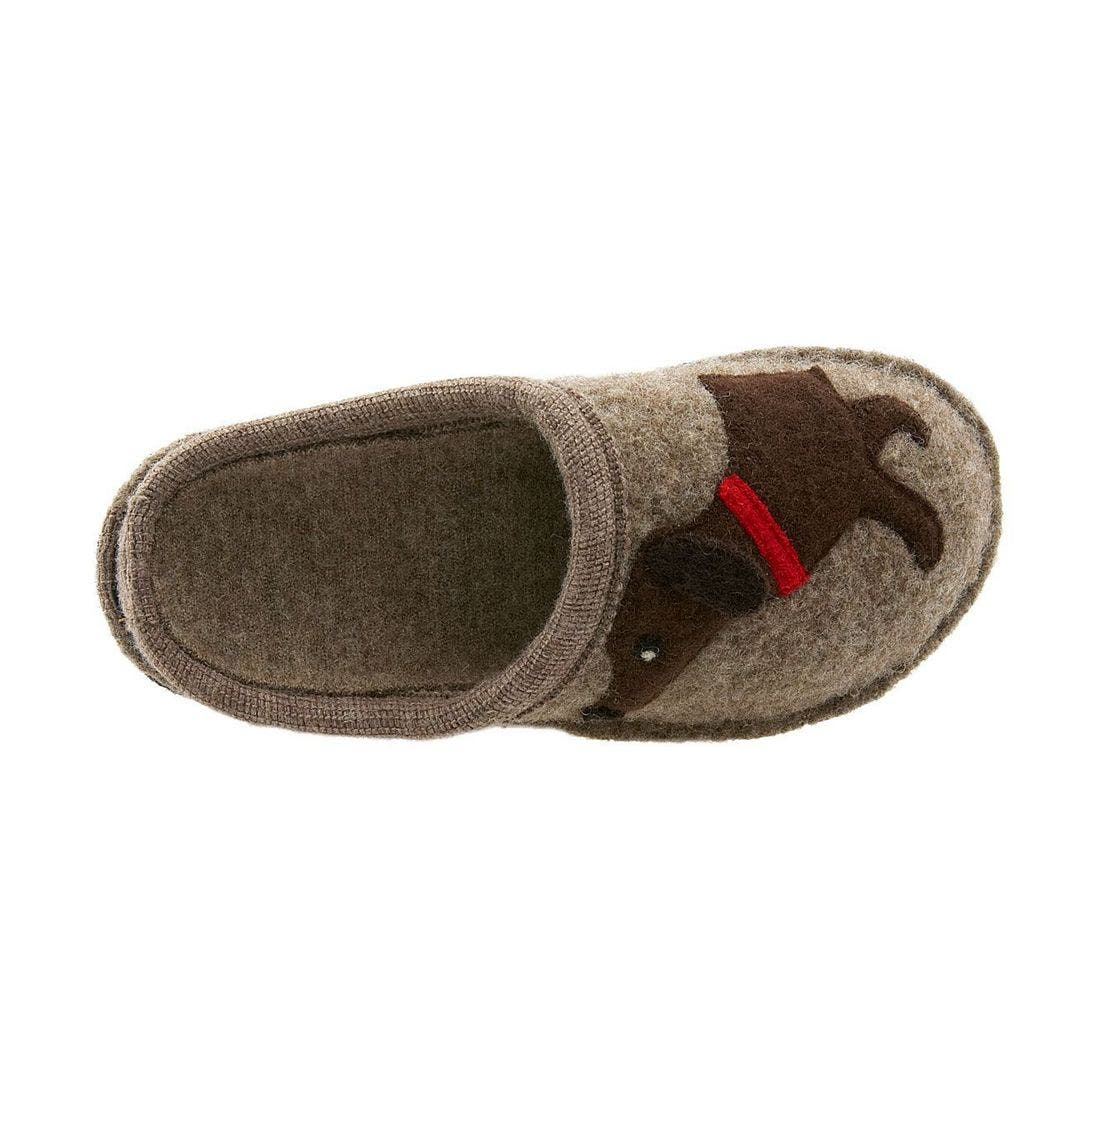 Alternate Image 3  - Haflinger 'Doggy' Slipper